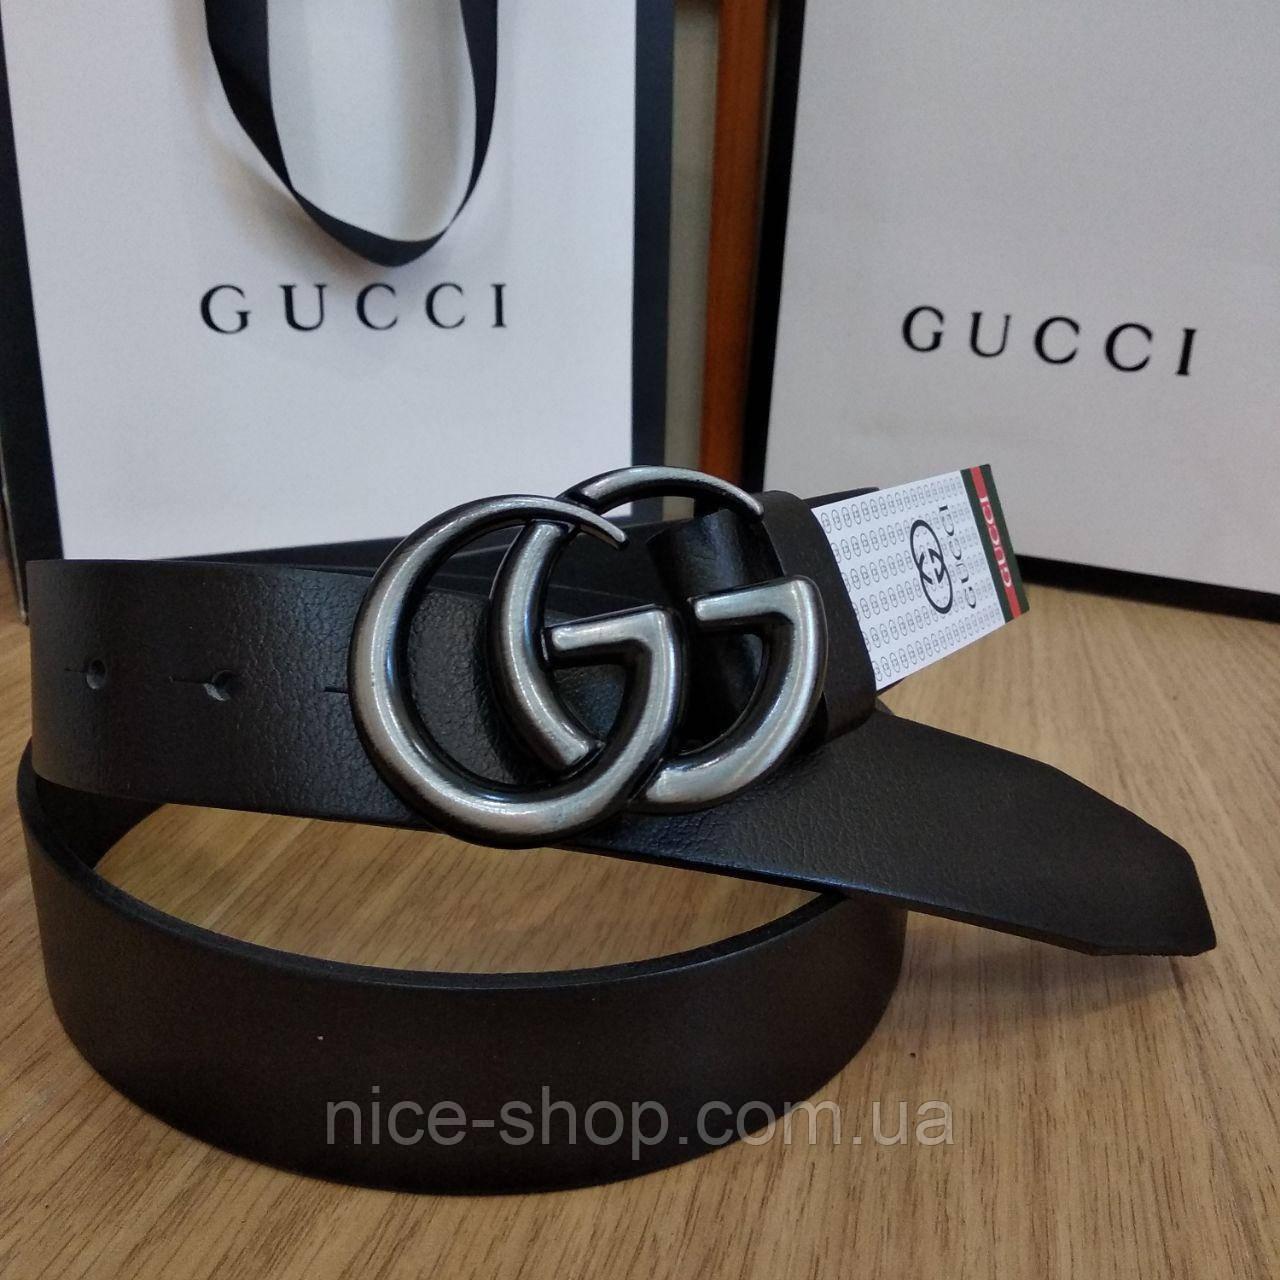 Ремень Gucci кожаный черный с пряжкой серебро матовое, 3.7см